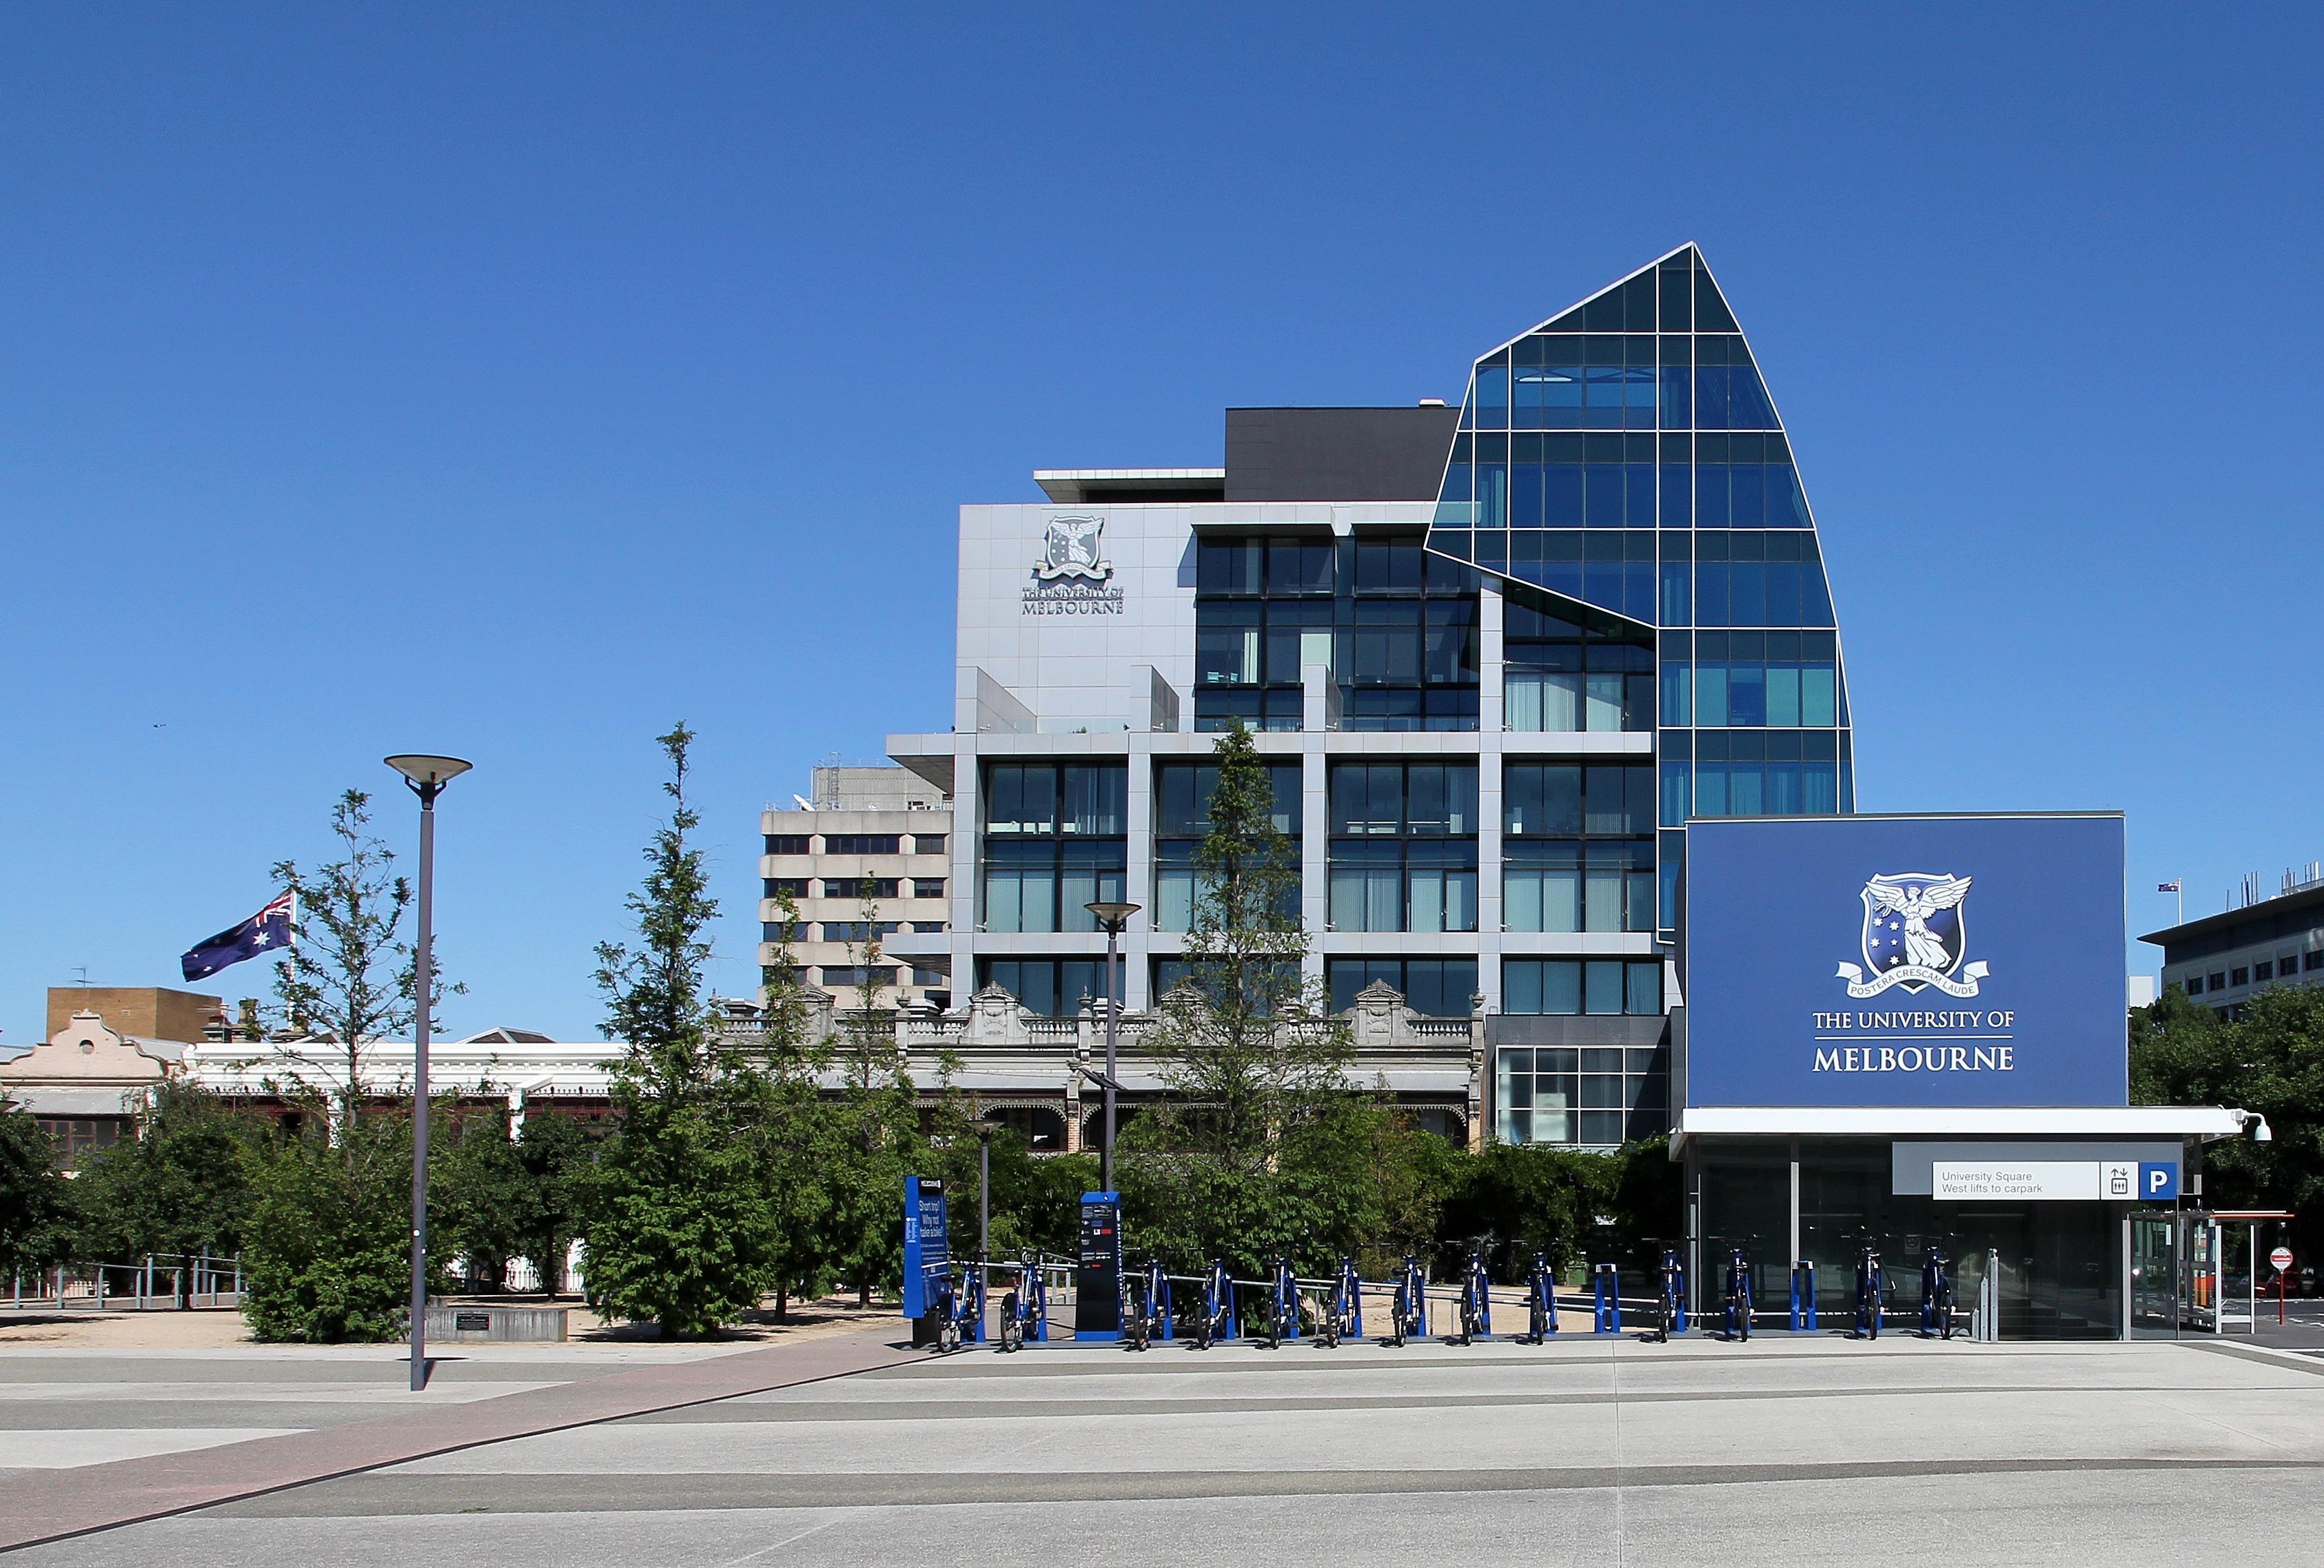 Lựa chọn sáng suốt khi đi du học tại trường Melbourne